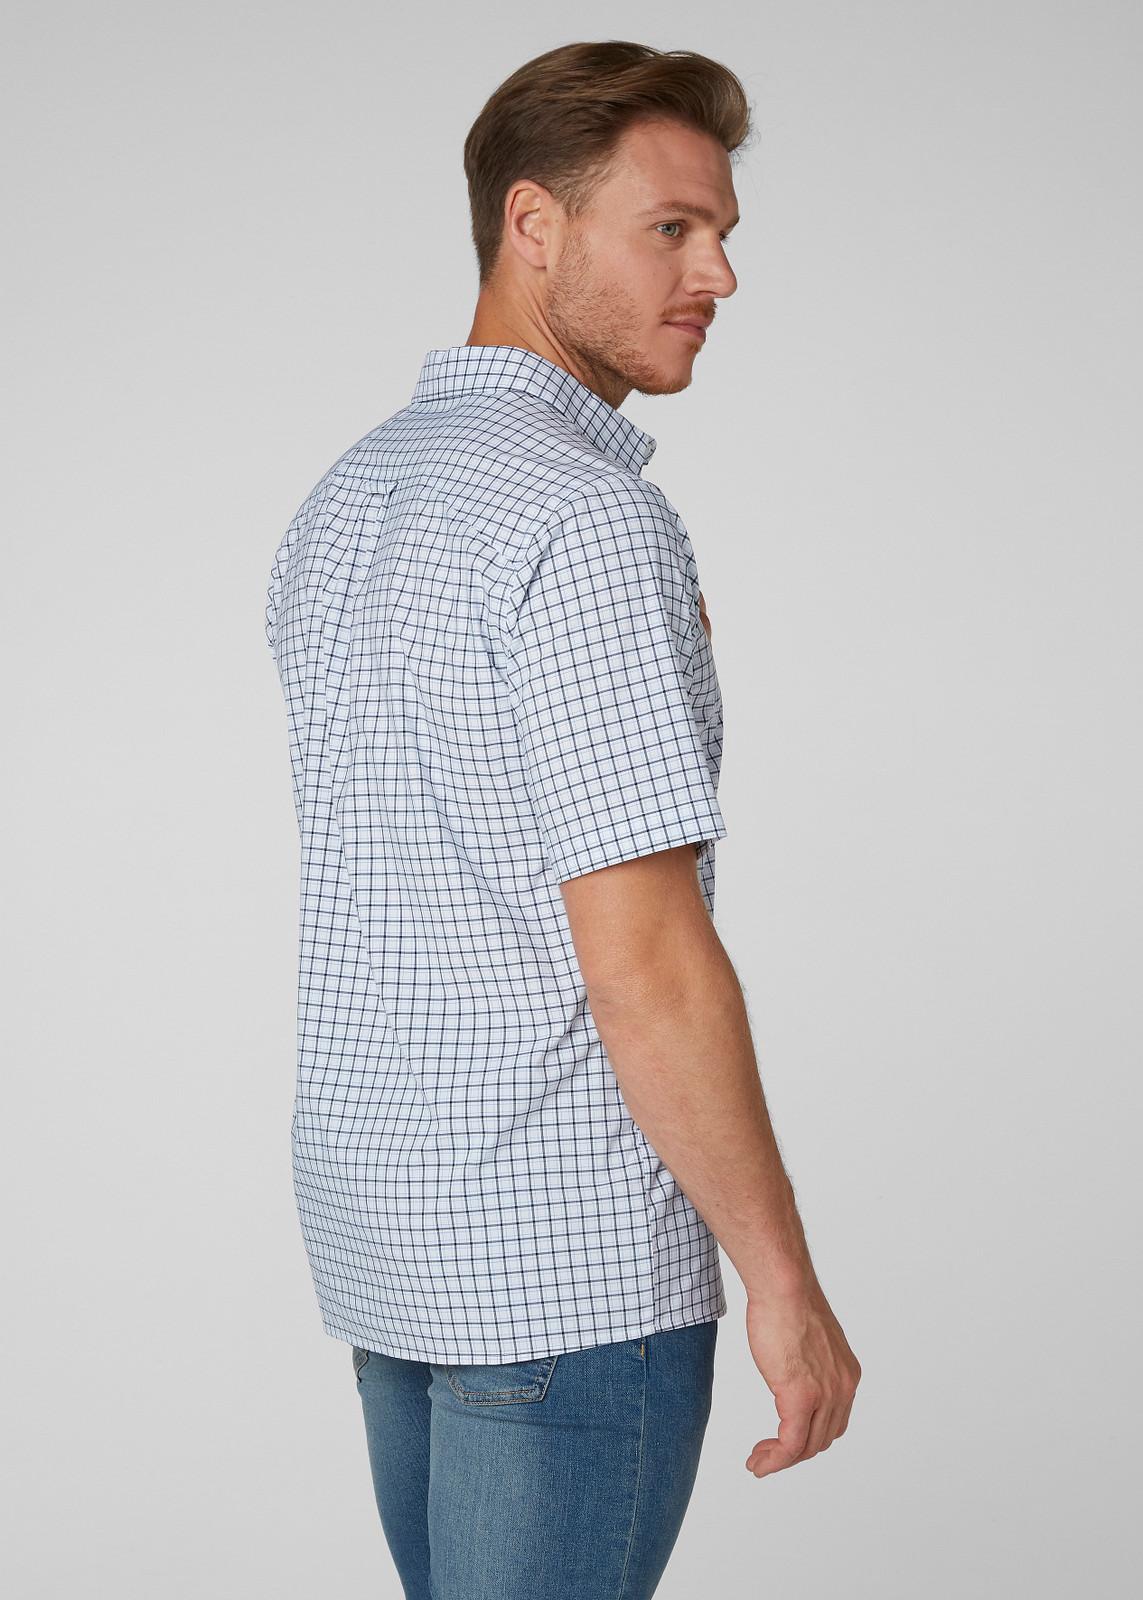 Helly Hansen Fjord QD SS Shirt, Men's - White Check, 34048-001 on model back